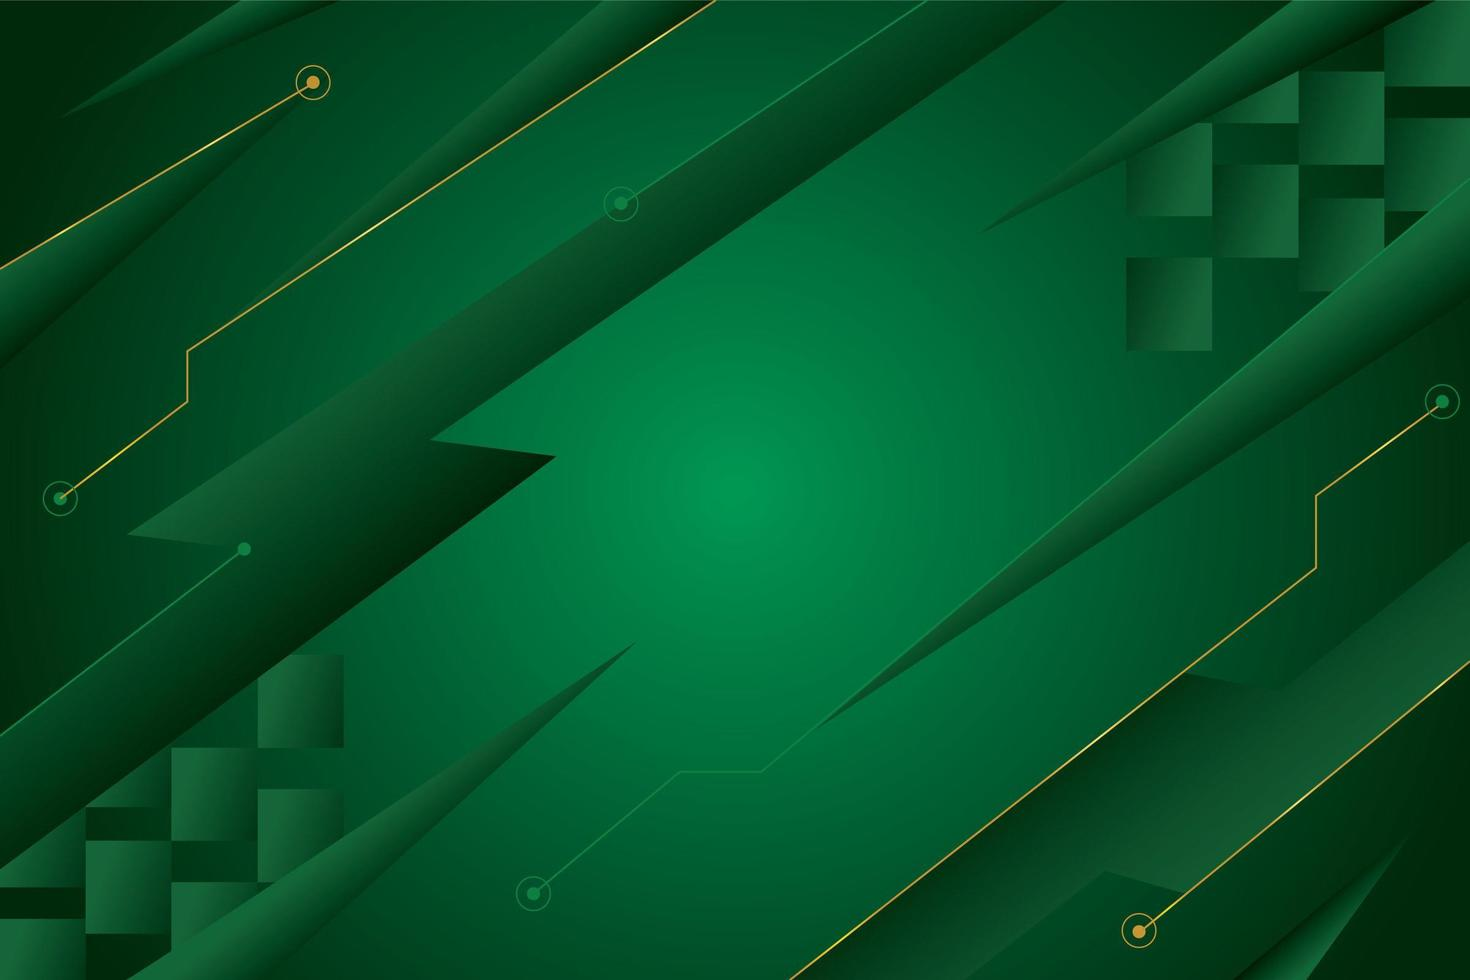 grüner Hintergrund mit Zick-Zack-Effekt vektor